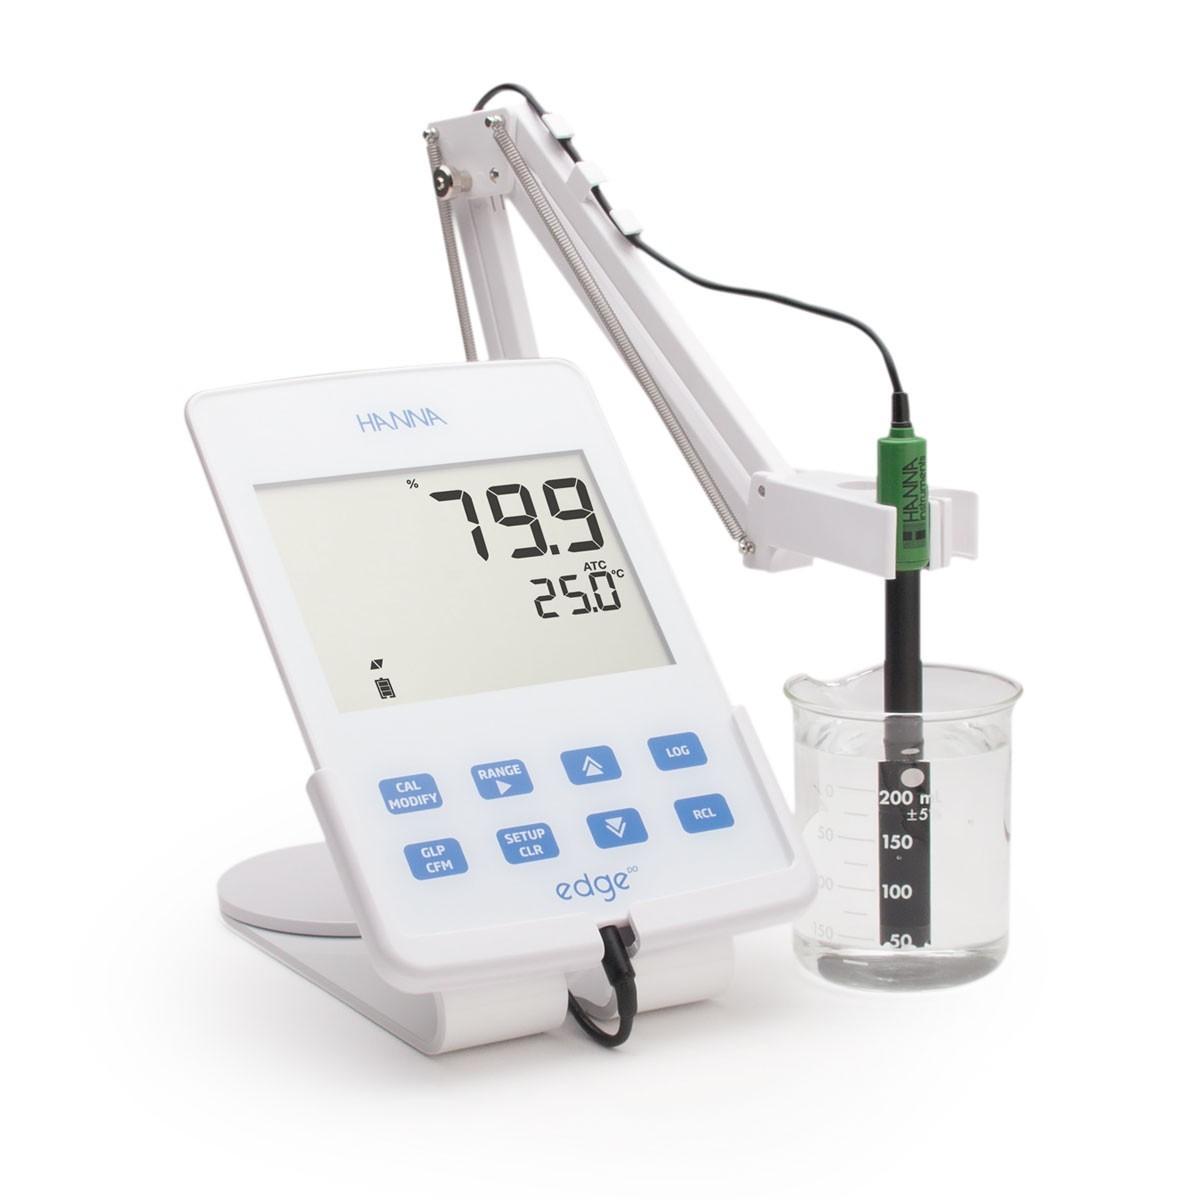 edge® đơn chỉ tiêu - Máy đo oxy hoà tan HI2004 EDGE Hanna